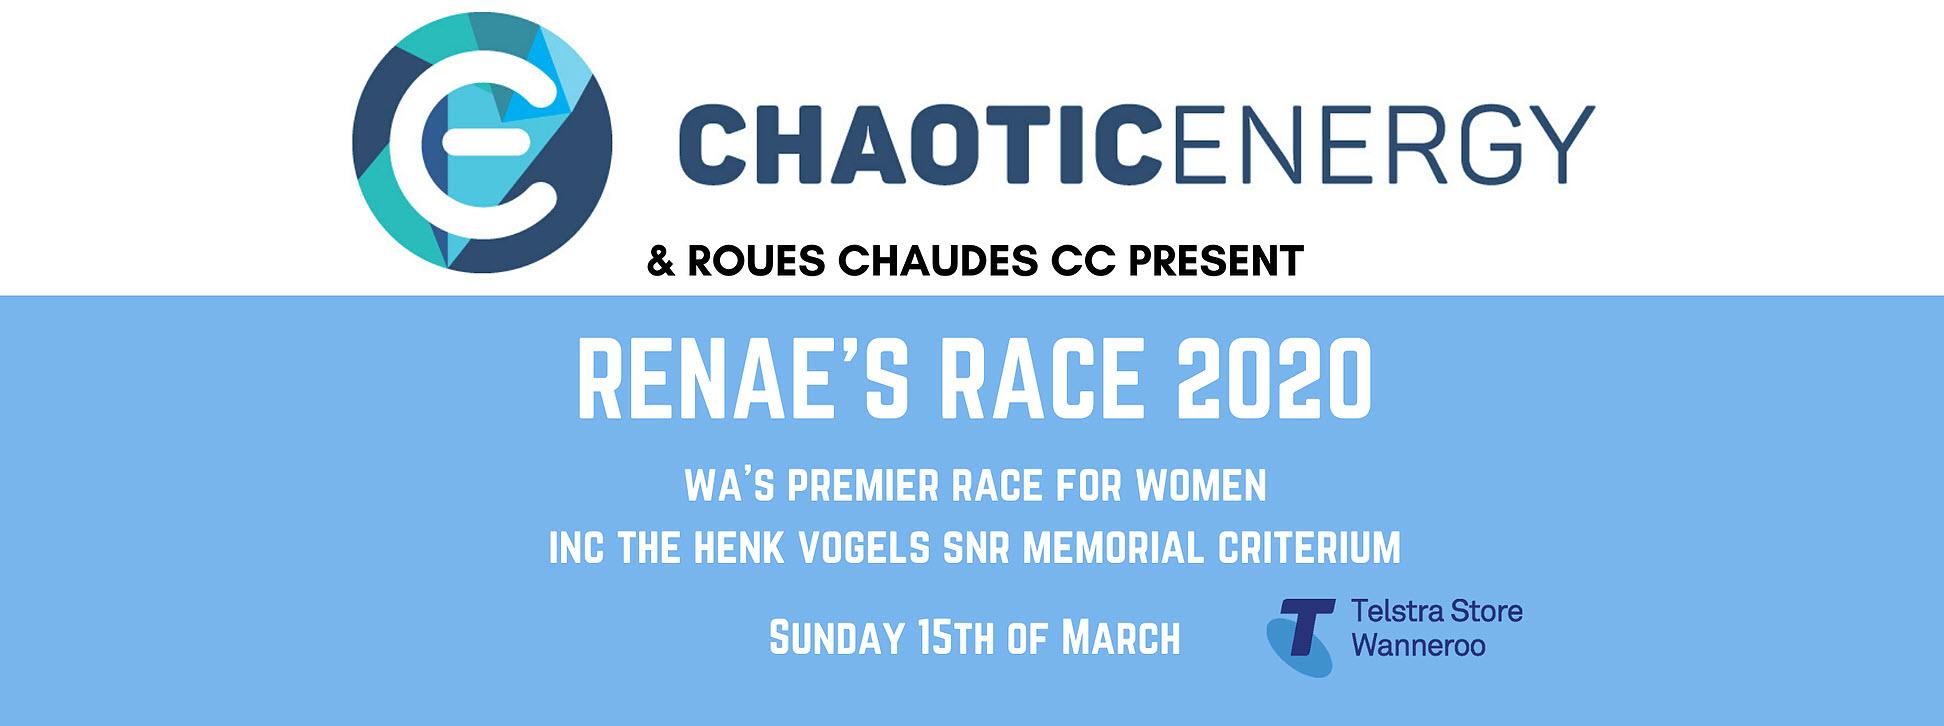 Renae's Race 2020